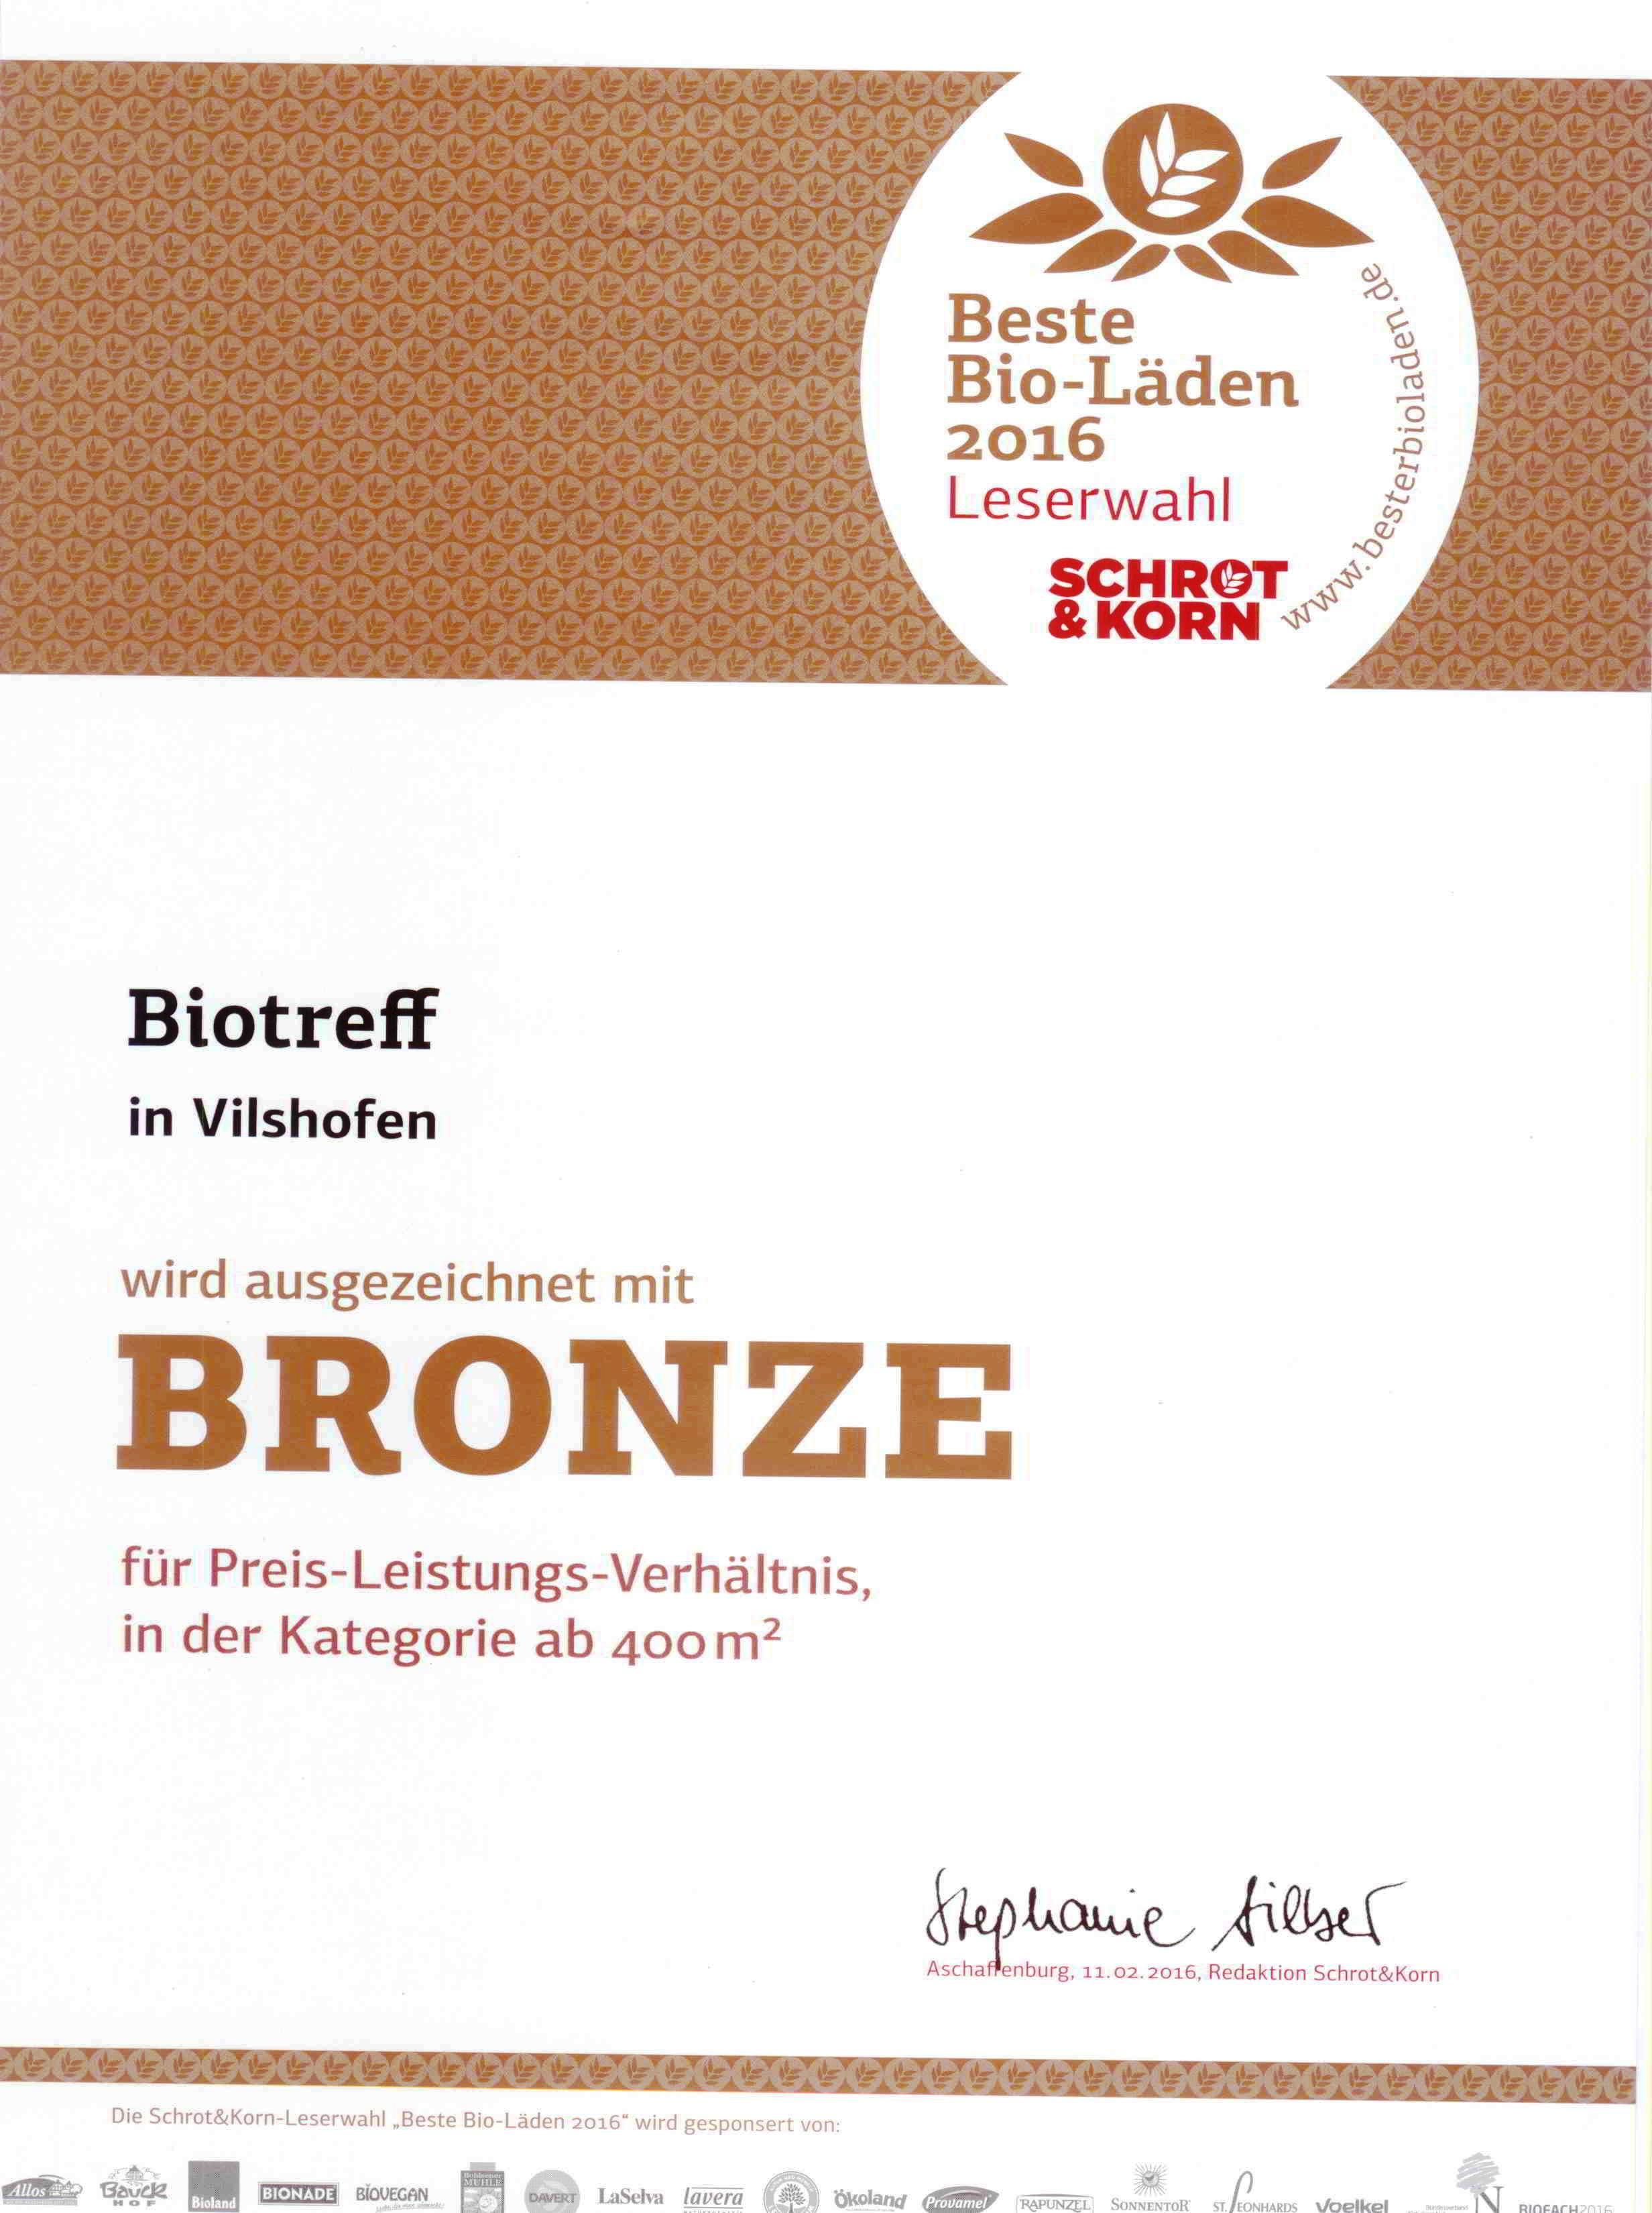 Schrot&Korn-Auszeichnung BRONZE 2016 001